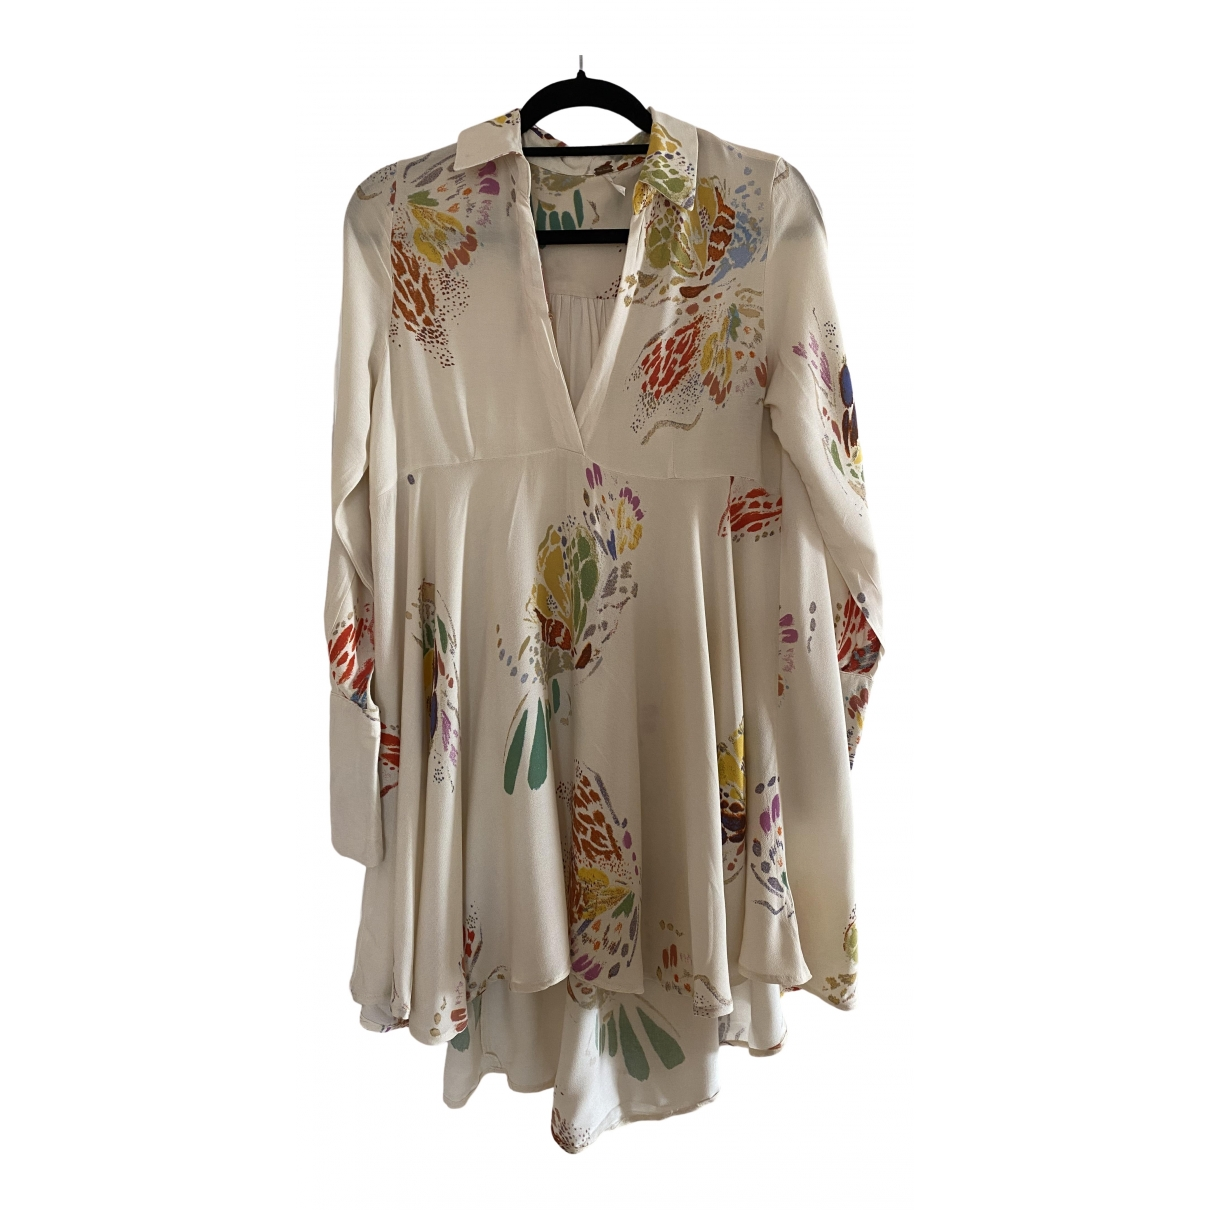 Free People \N Beige dress for Women S International